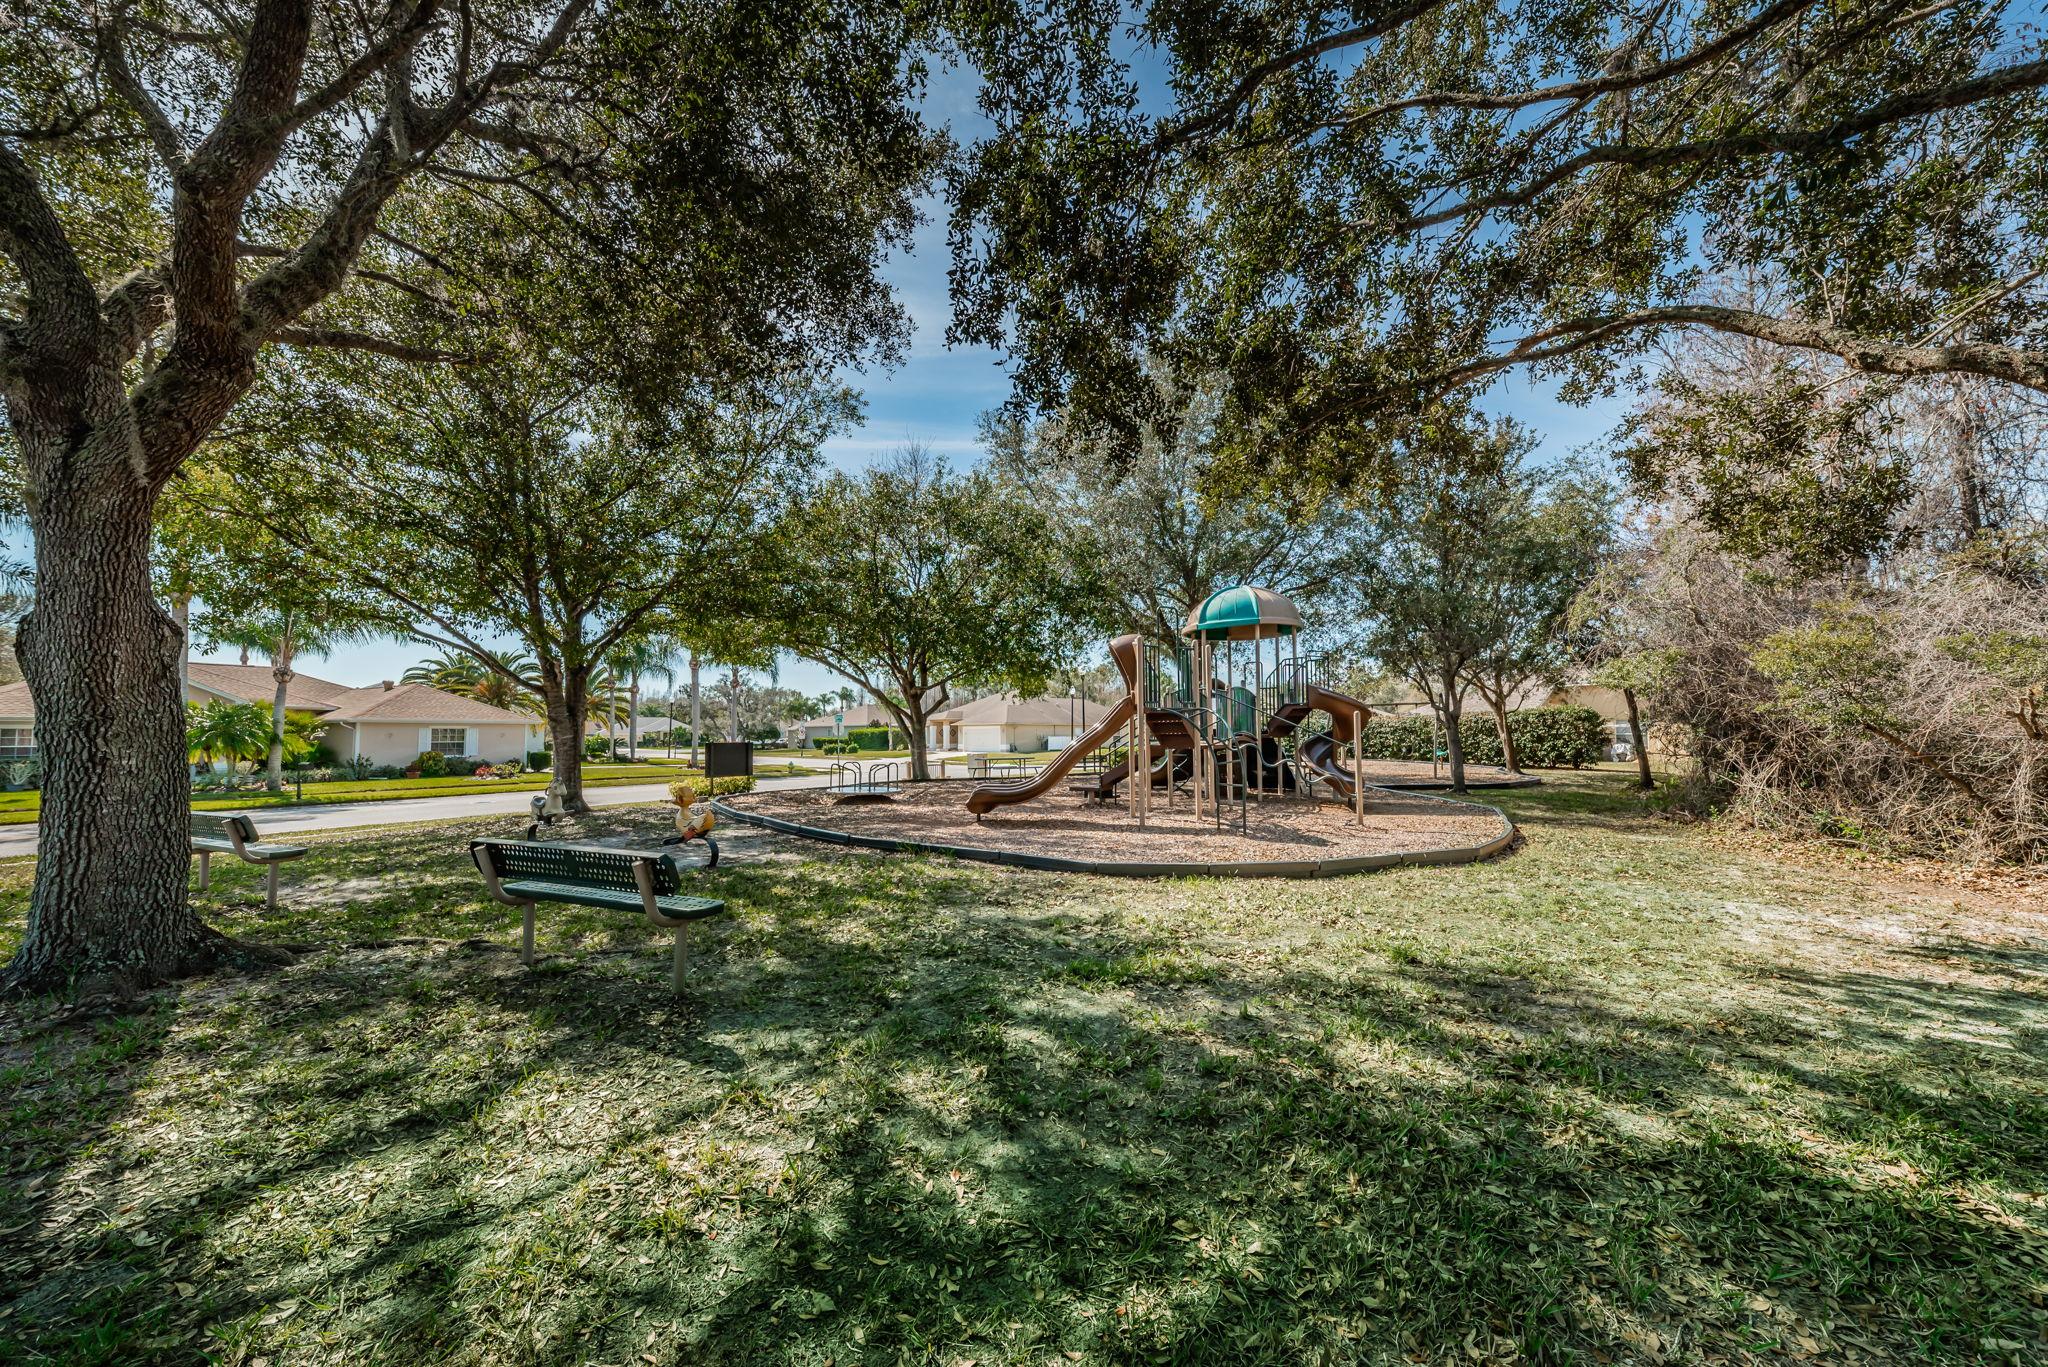 7-Trinity Oaks Park